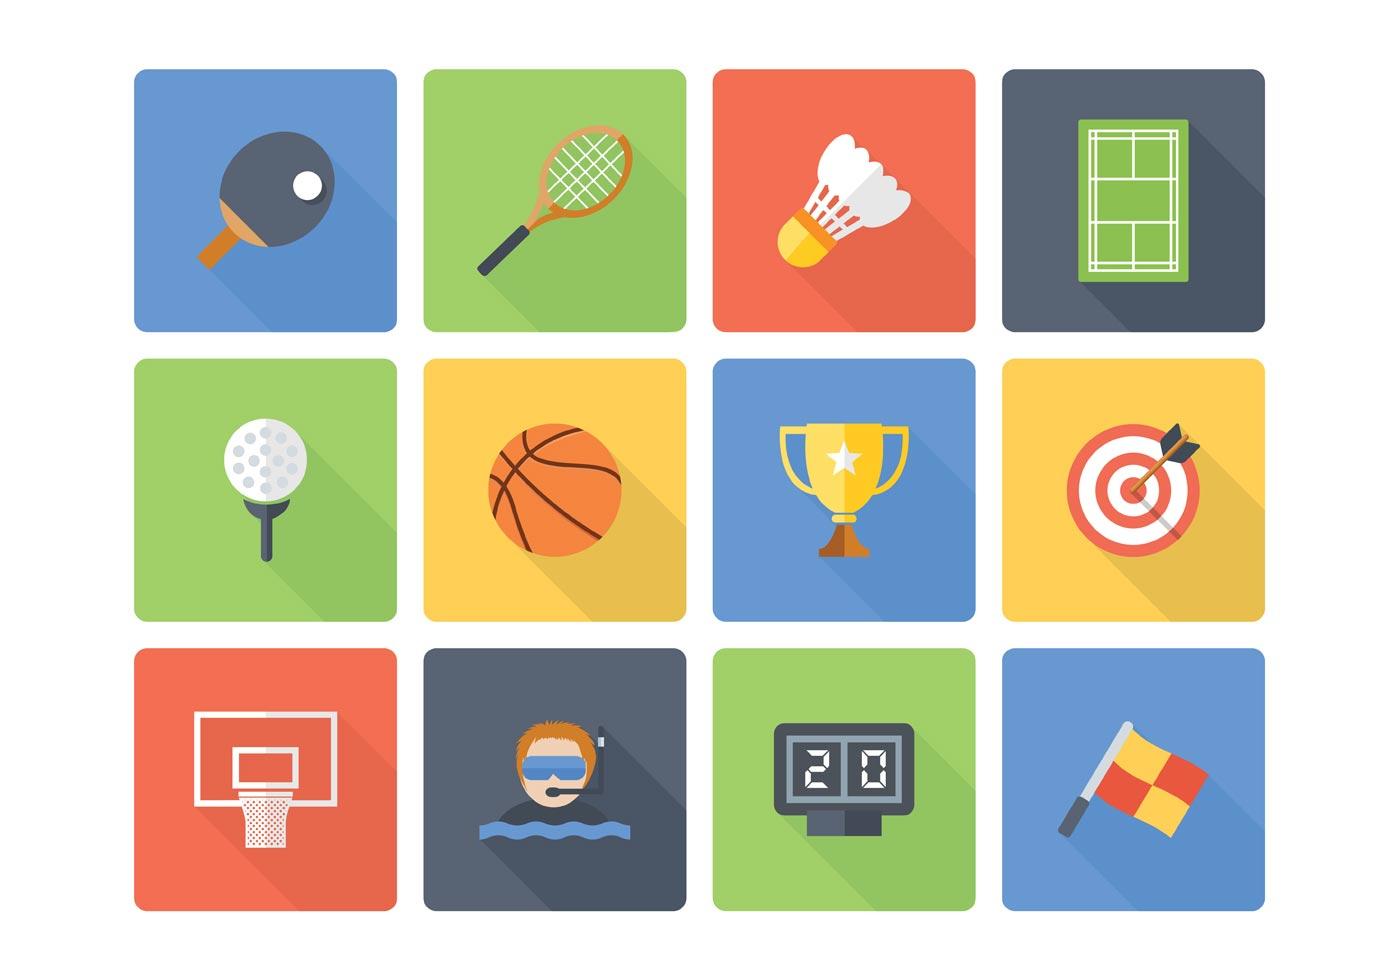 Fondo Con Iconos De Deporte: Download Free Vector Art, Stock